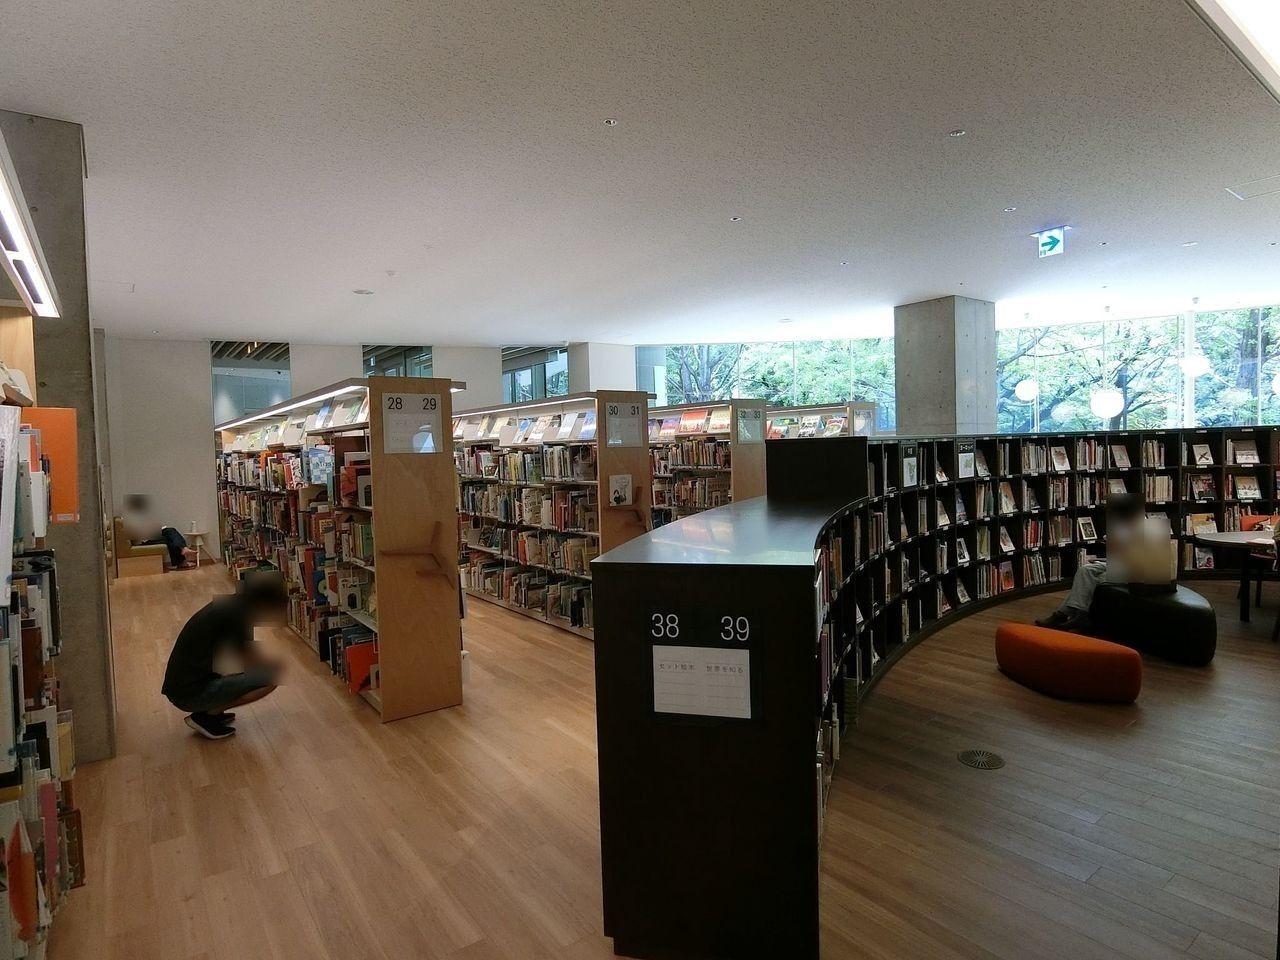 板橋区立中央図書館の1階フロア